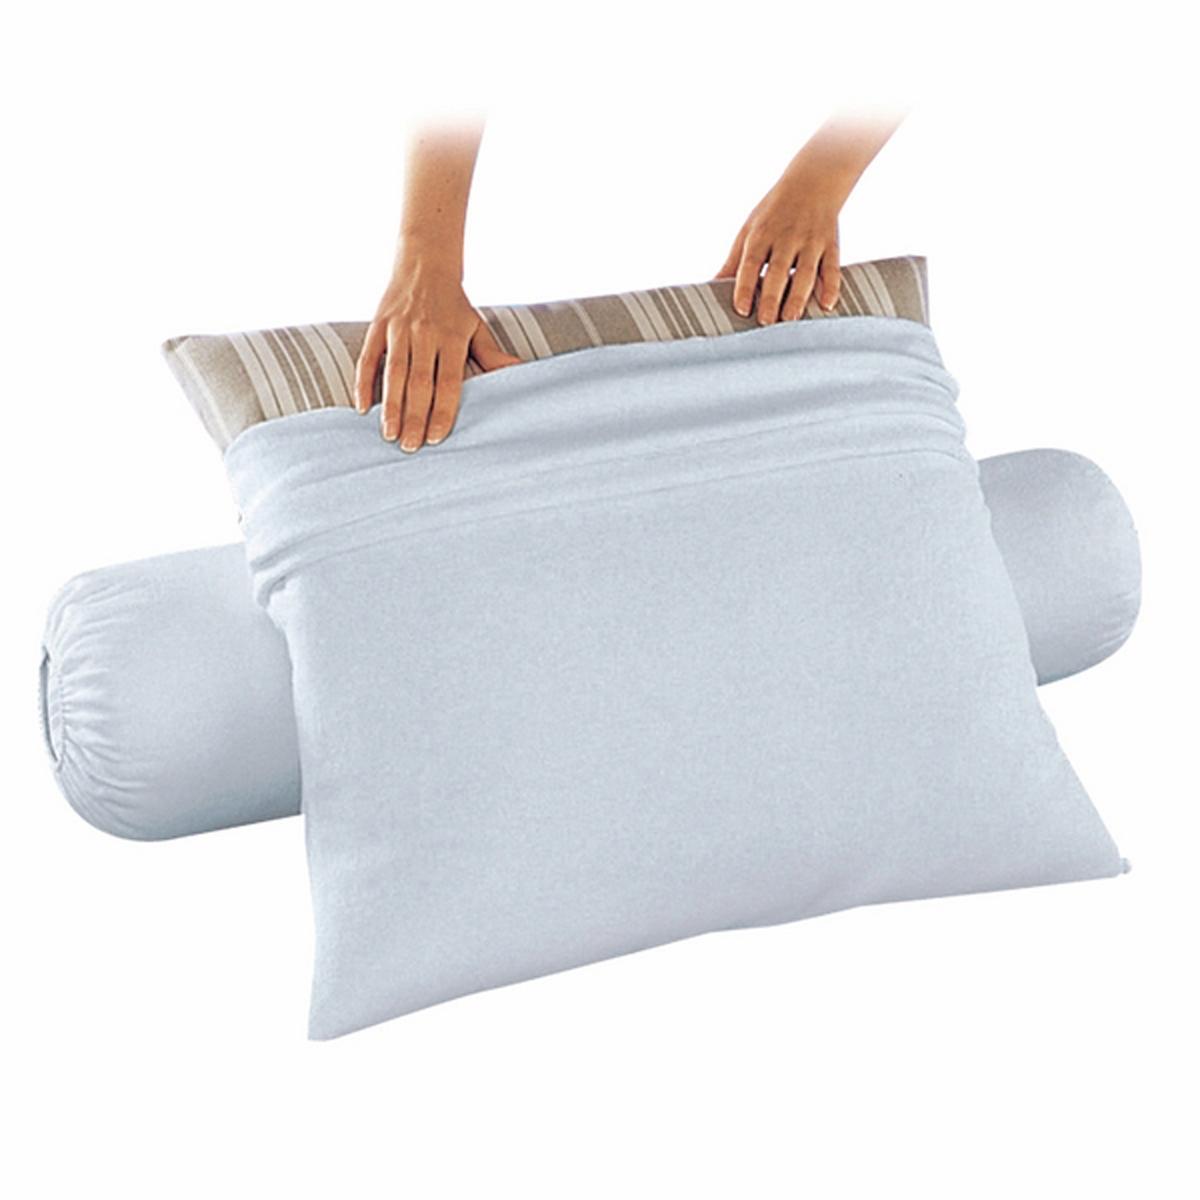 Чехол защитный для подушки из стретч-мольтона, водонепроницаемый чехол защитный для подушки из стретч мольтона